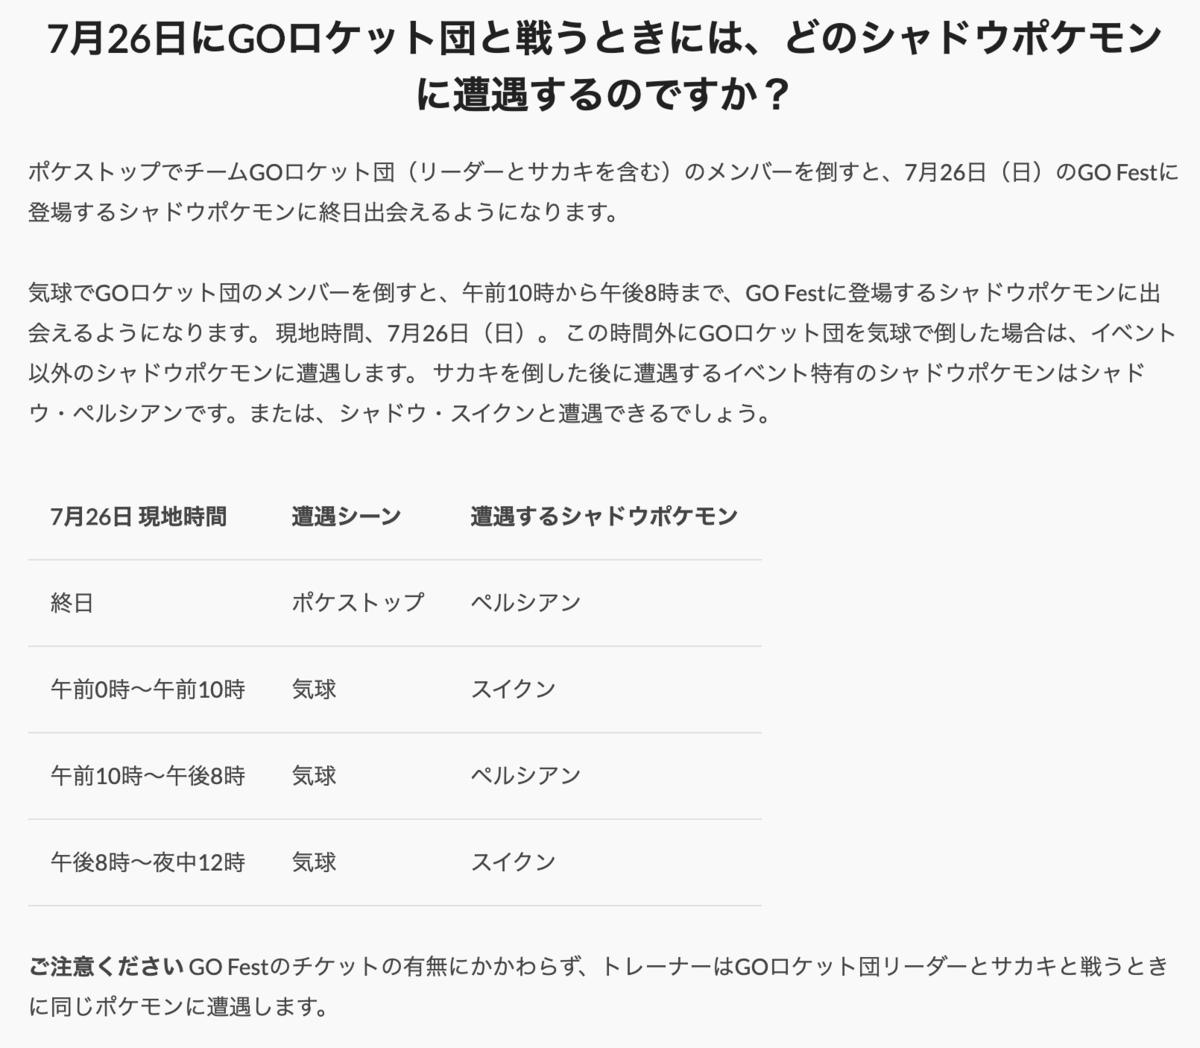 f:id:hato36:20200726100004p:plain